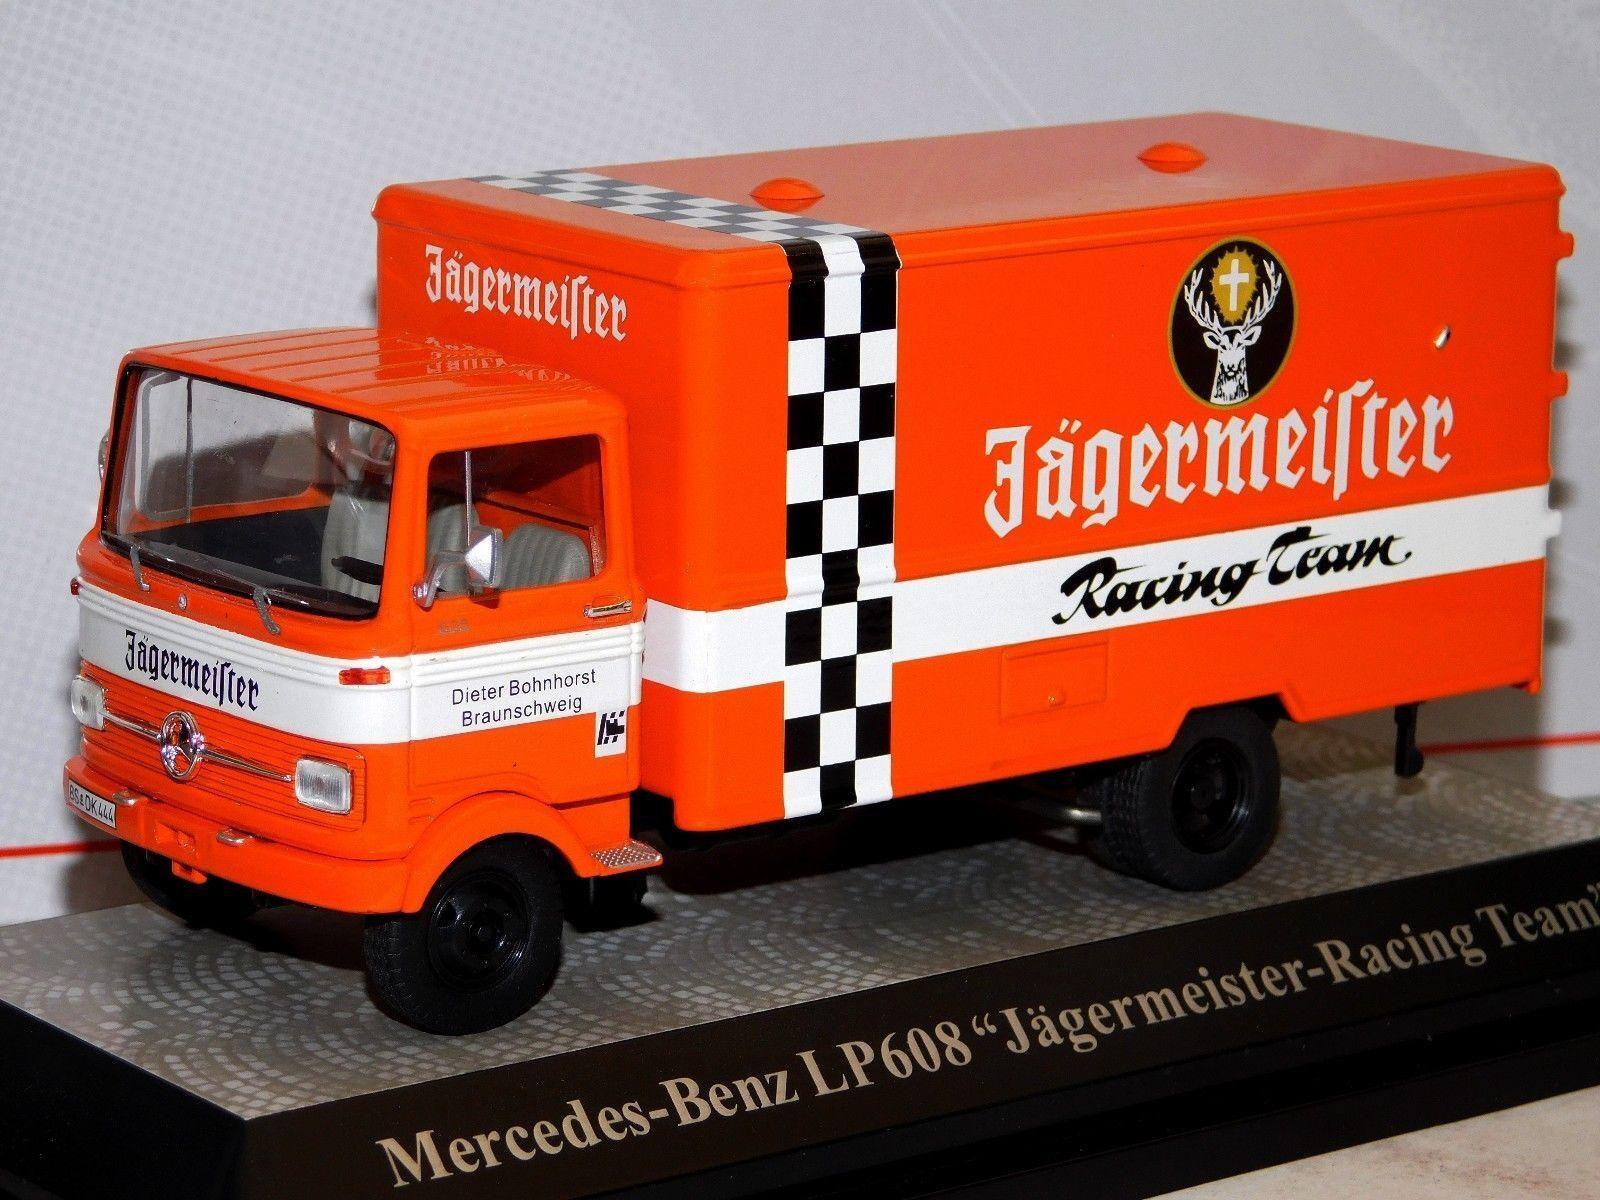 MERCEDES BENZ LP608 Jagermeister assistance Racing Premium Classixxs 12501  1 43  préférentiel